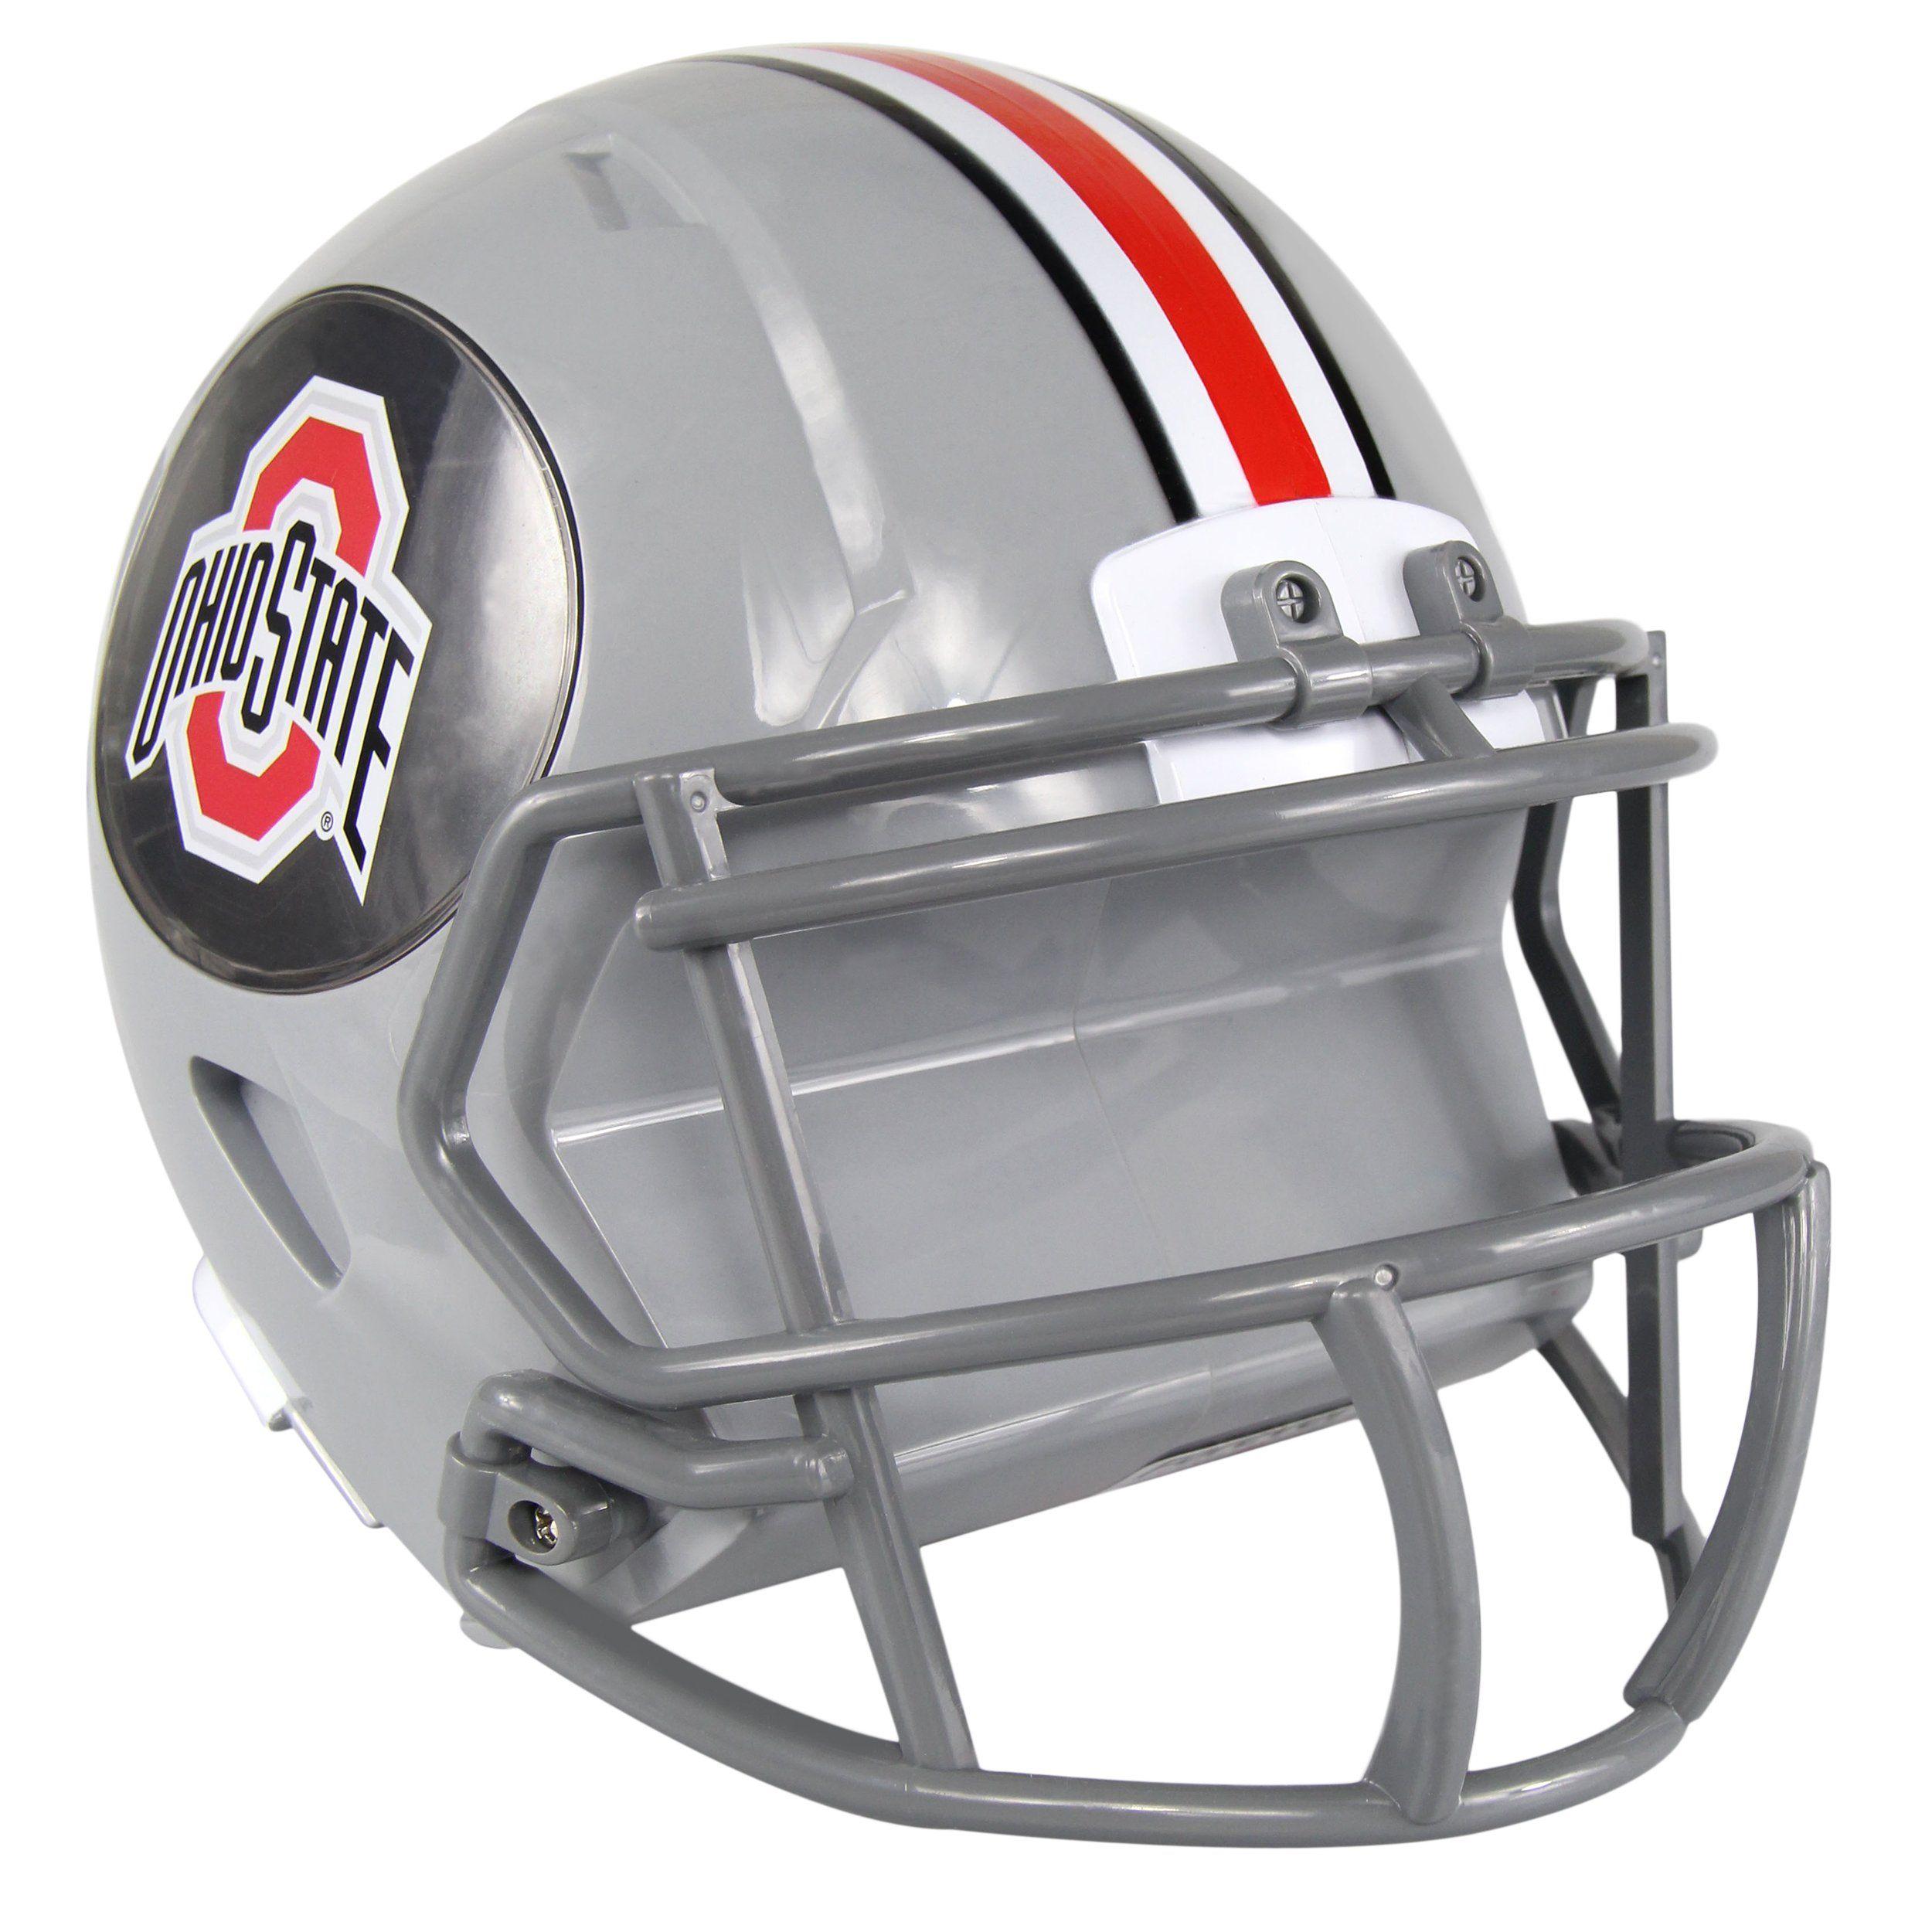 Ohio State Buckeyes NCAA ABS Helmet Bank Raiders helmet